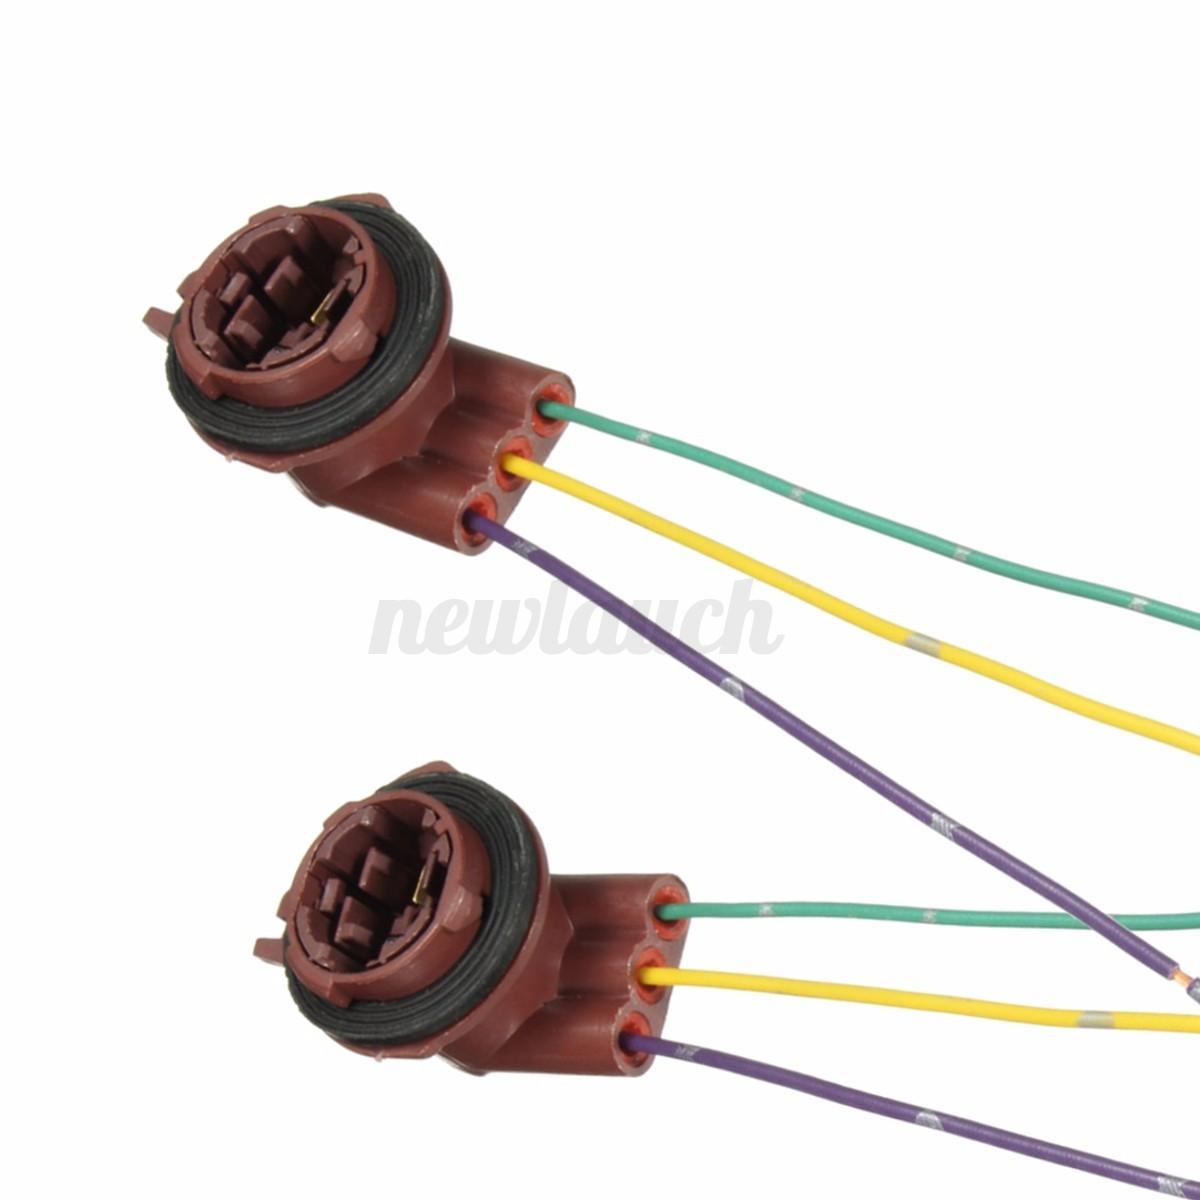 hight resolution of 3157 socket wiring diagram 3157 socket tail light wiring 1157 bulb diagram 1157 bulb diagram